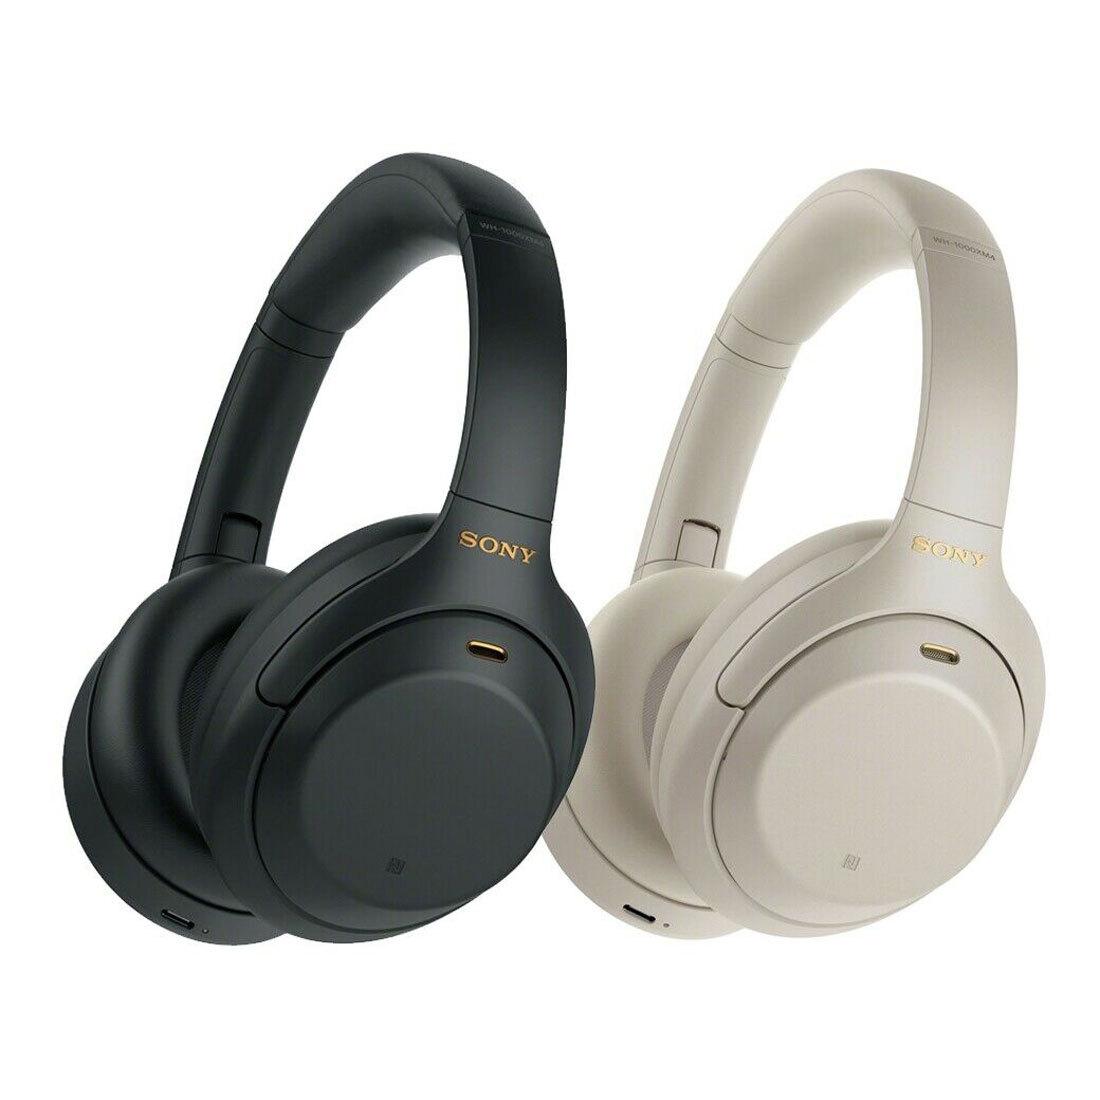 Sony WH-1000XM4 Bluetooth Kopfhörer, silber oder schwarz